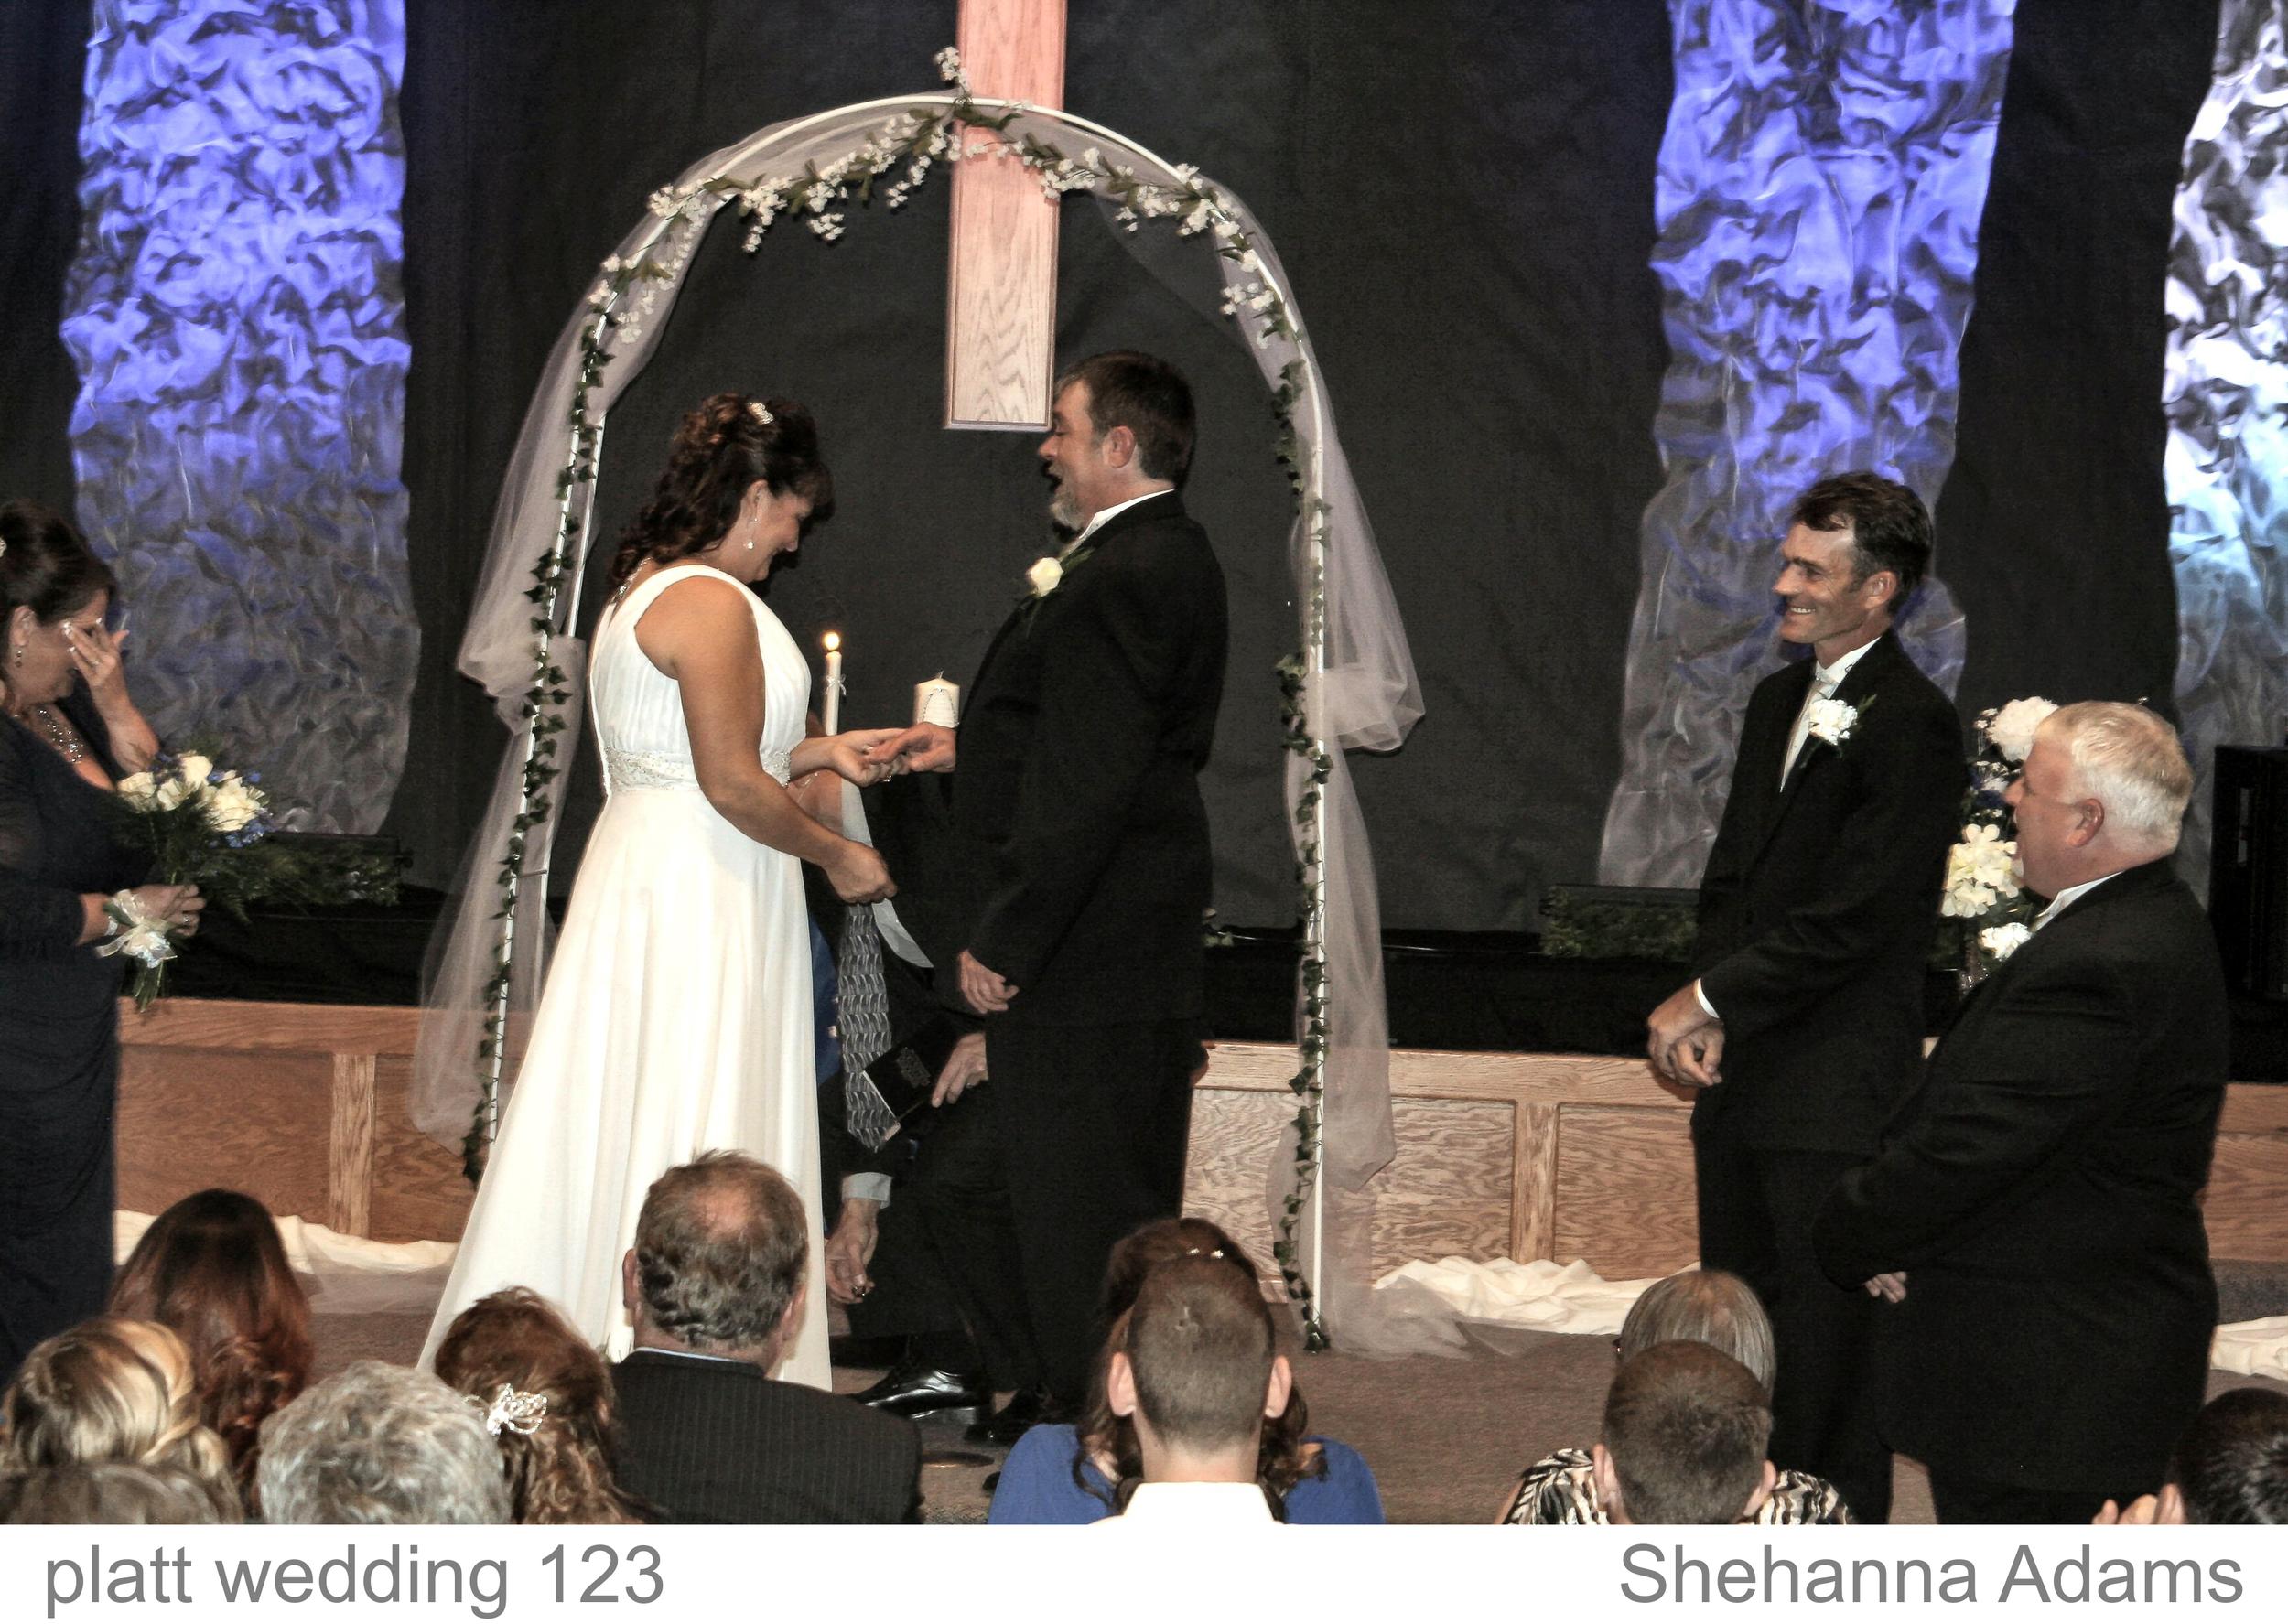 platt wedding 123.jpg